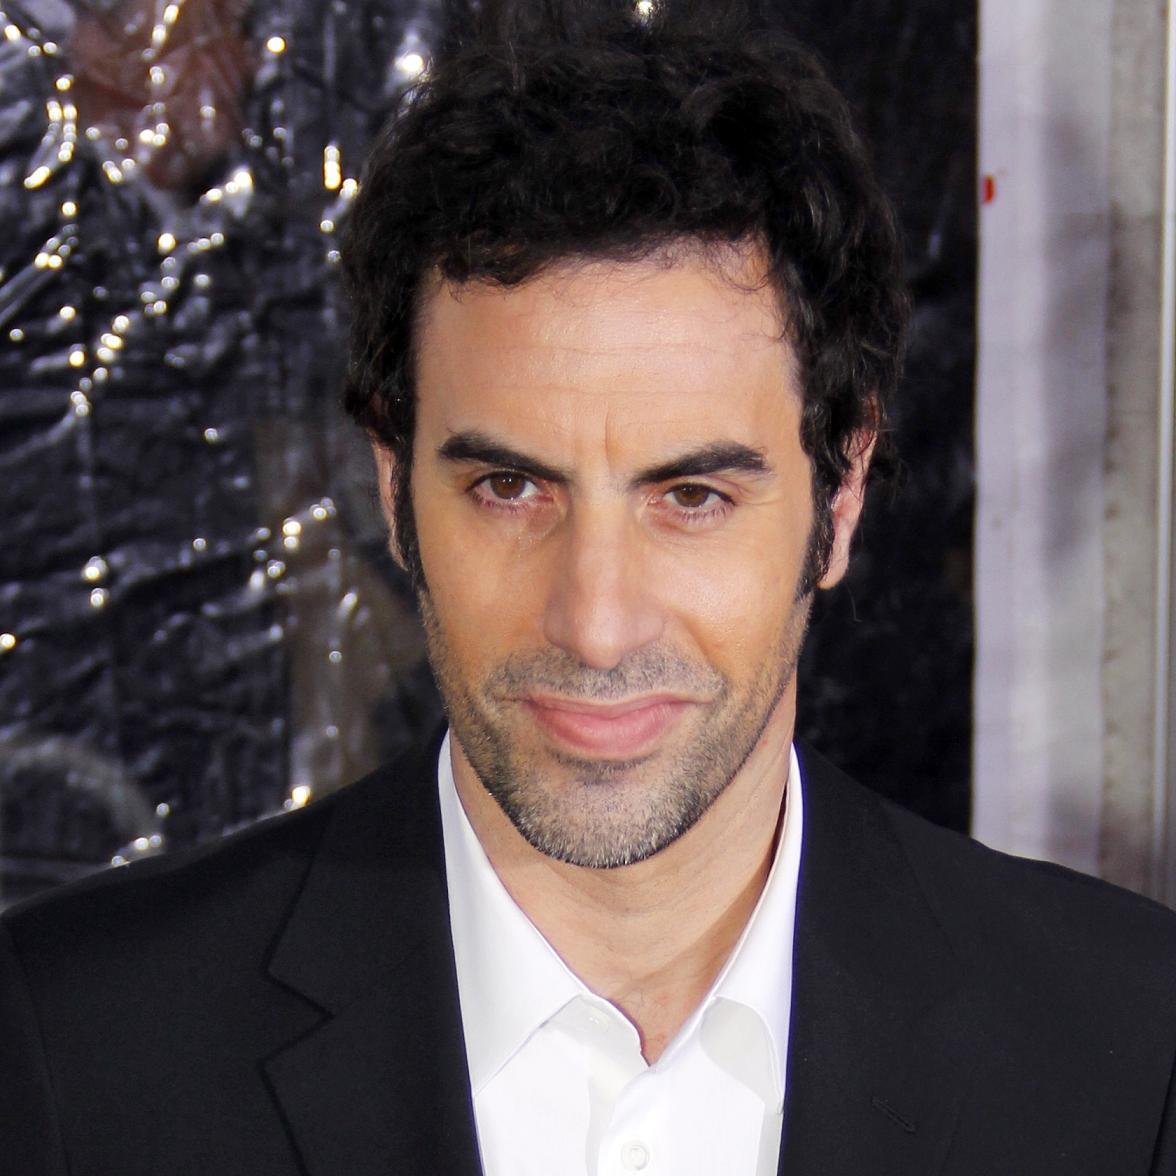 Sascha Baron Cohen